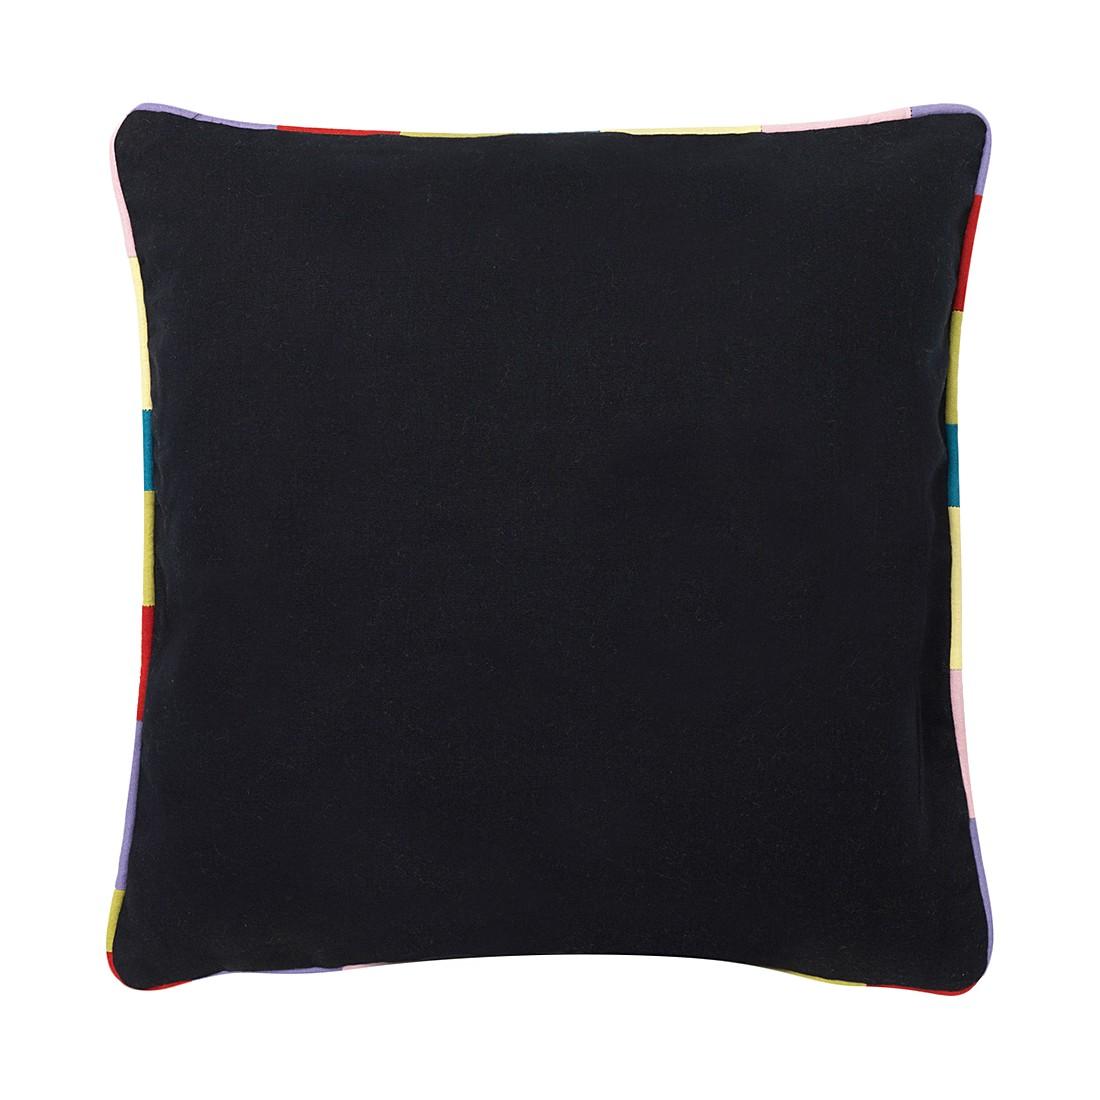 Kissen Muret – 45 X 45 cm, Schwarz, Baumwolle – Kissenhülle, ohne Füllung, Dutch Decor günstig kaufen